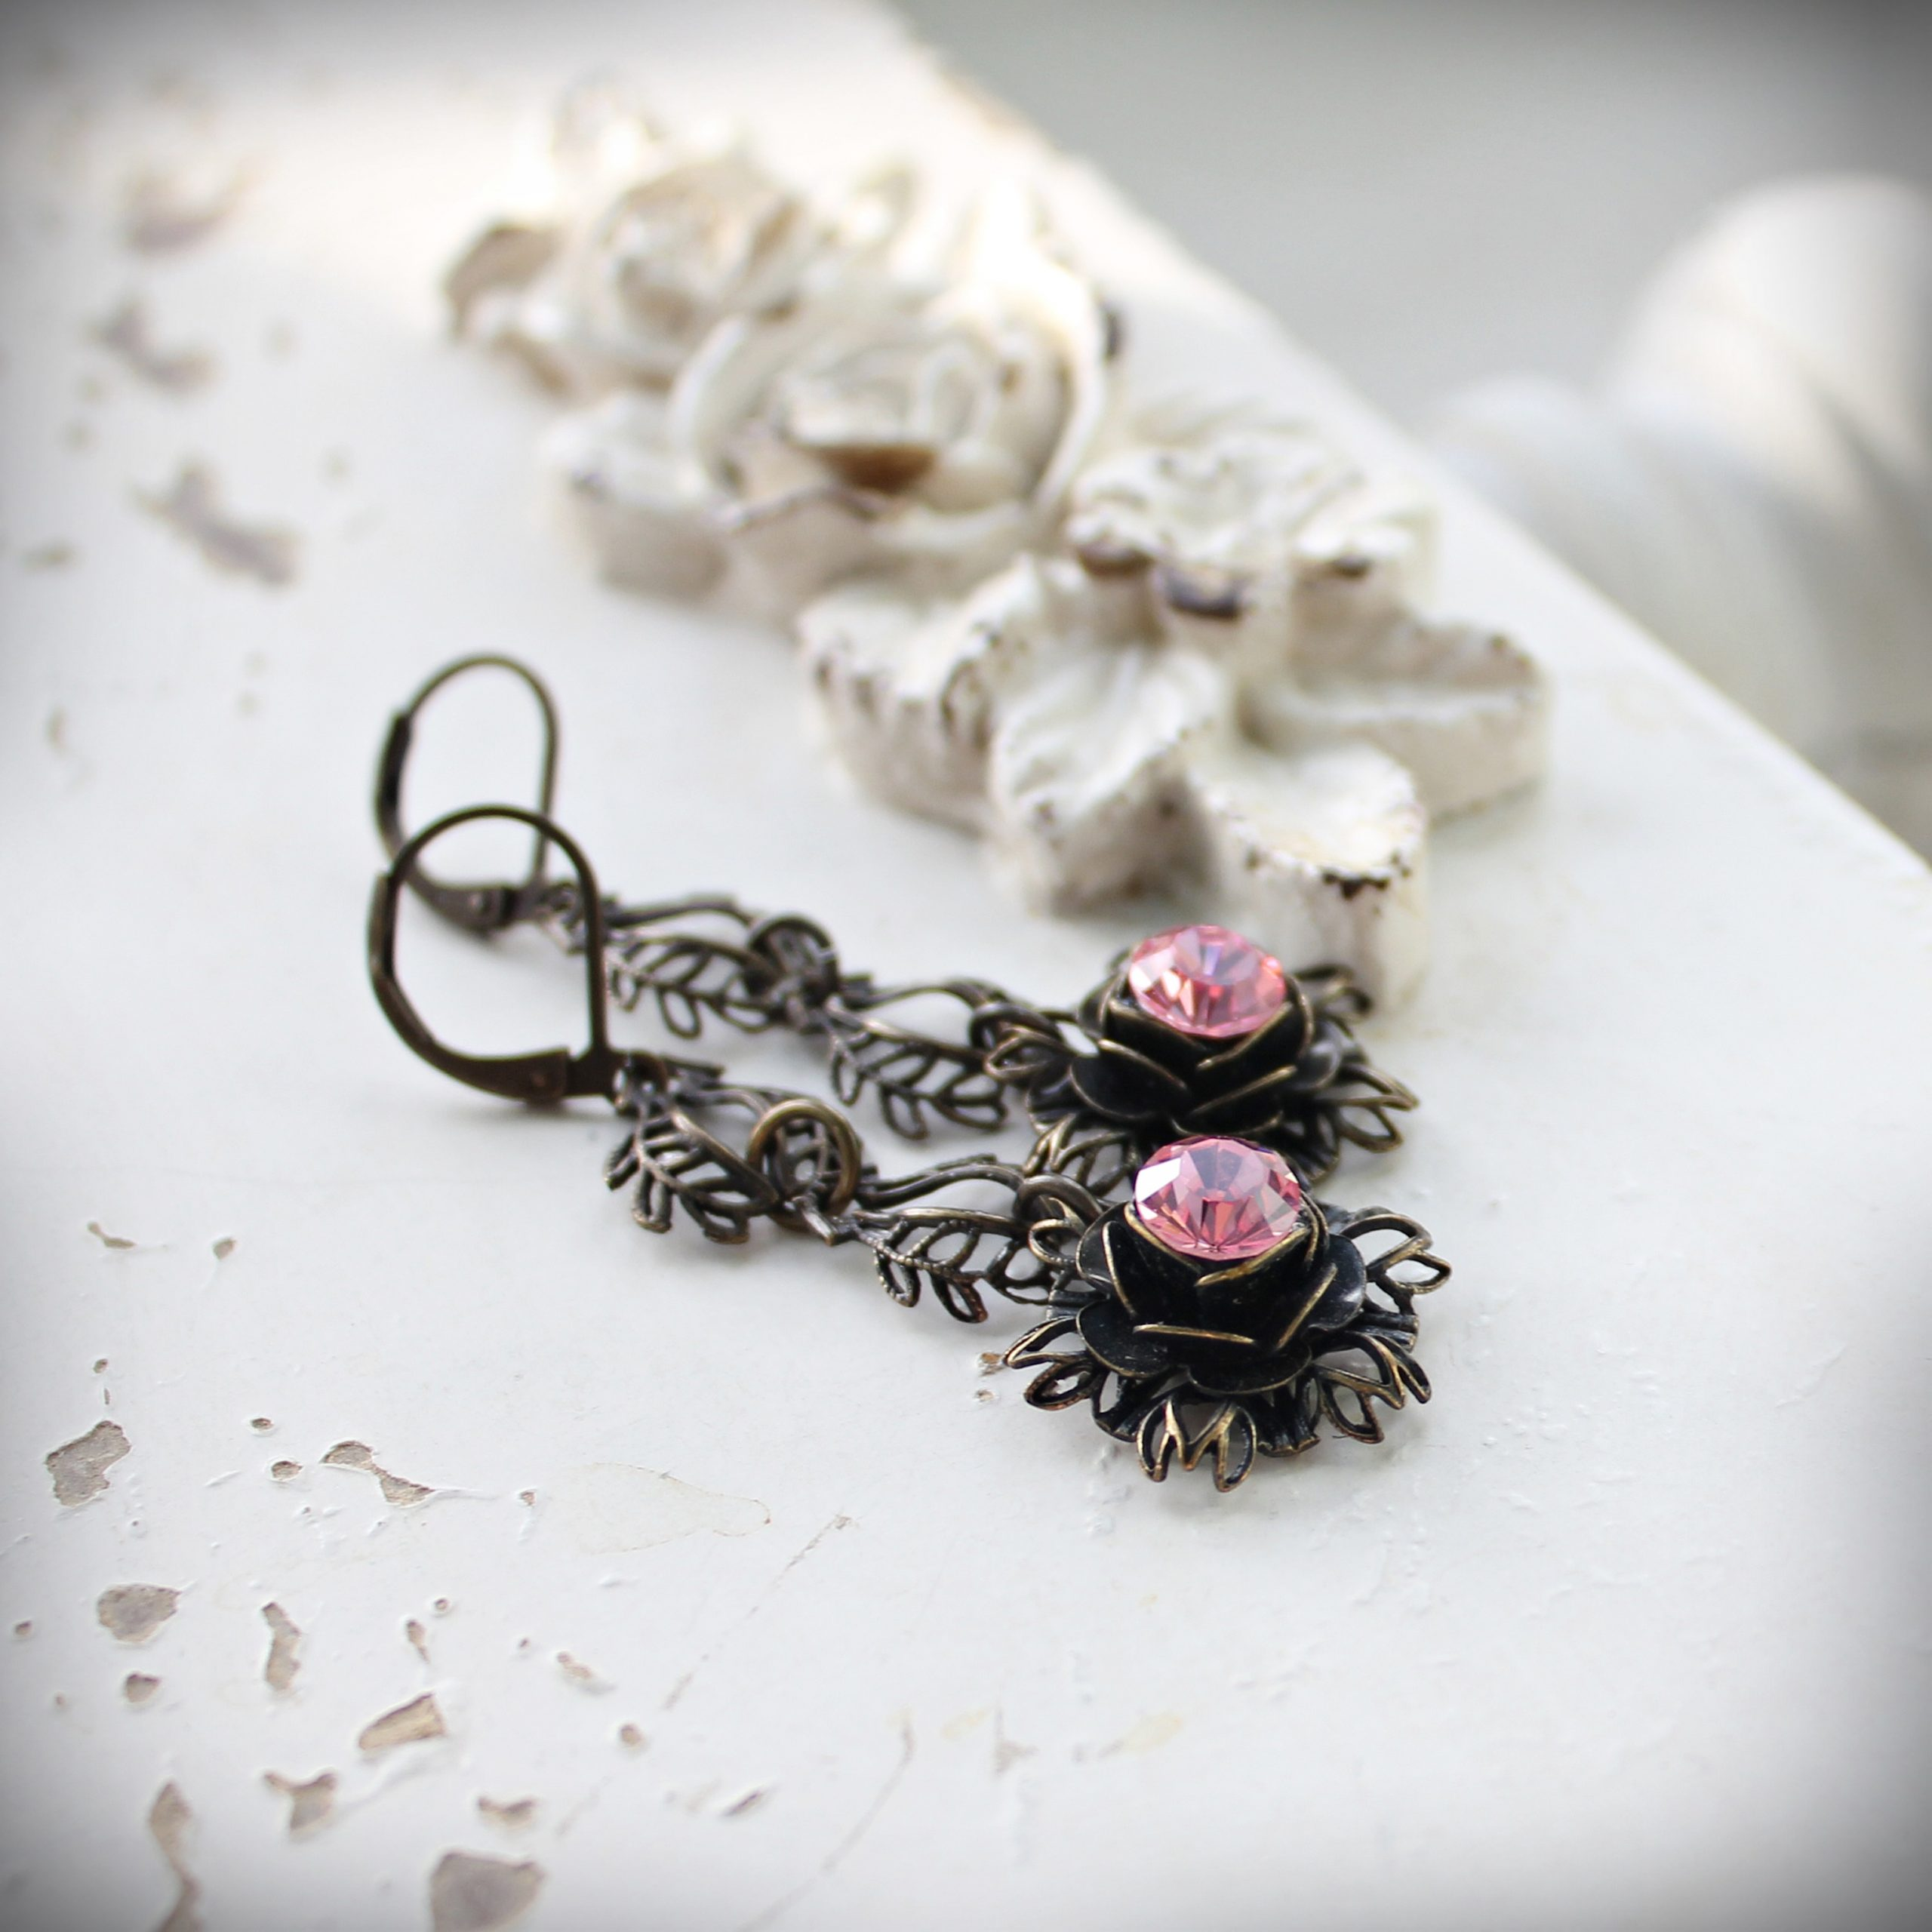 Light Rose Swarovski Crystal Earrings in Vintage Style